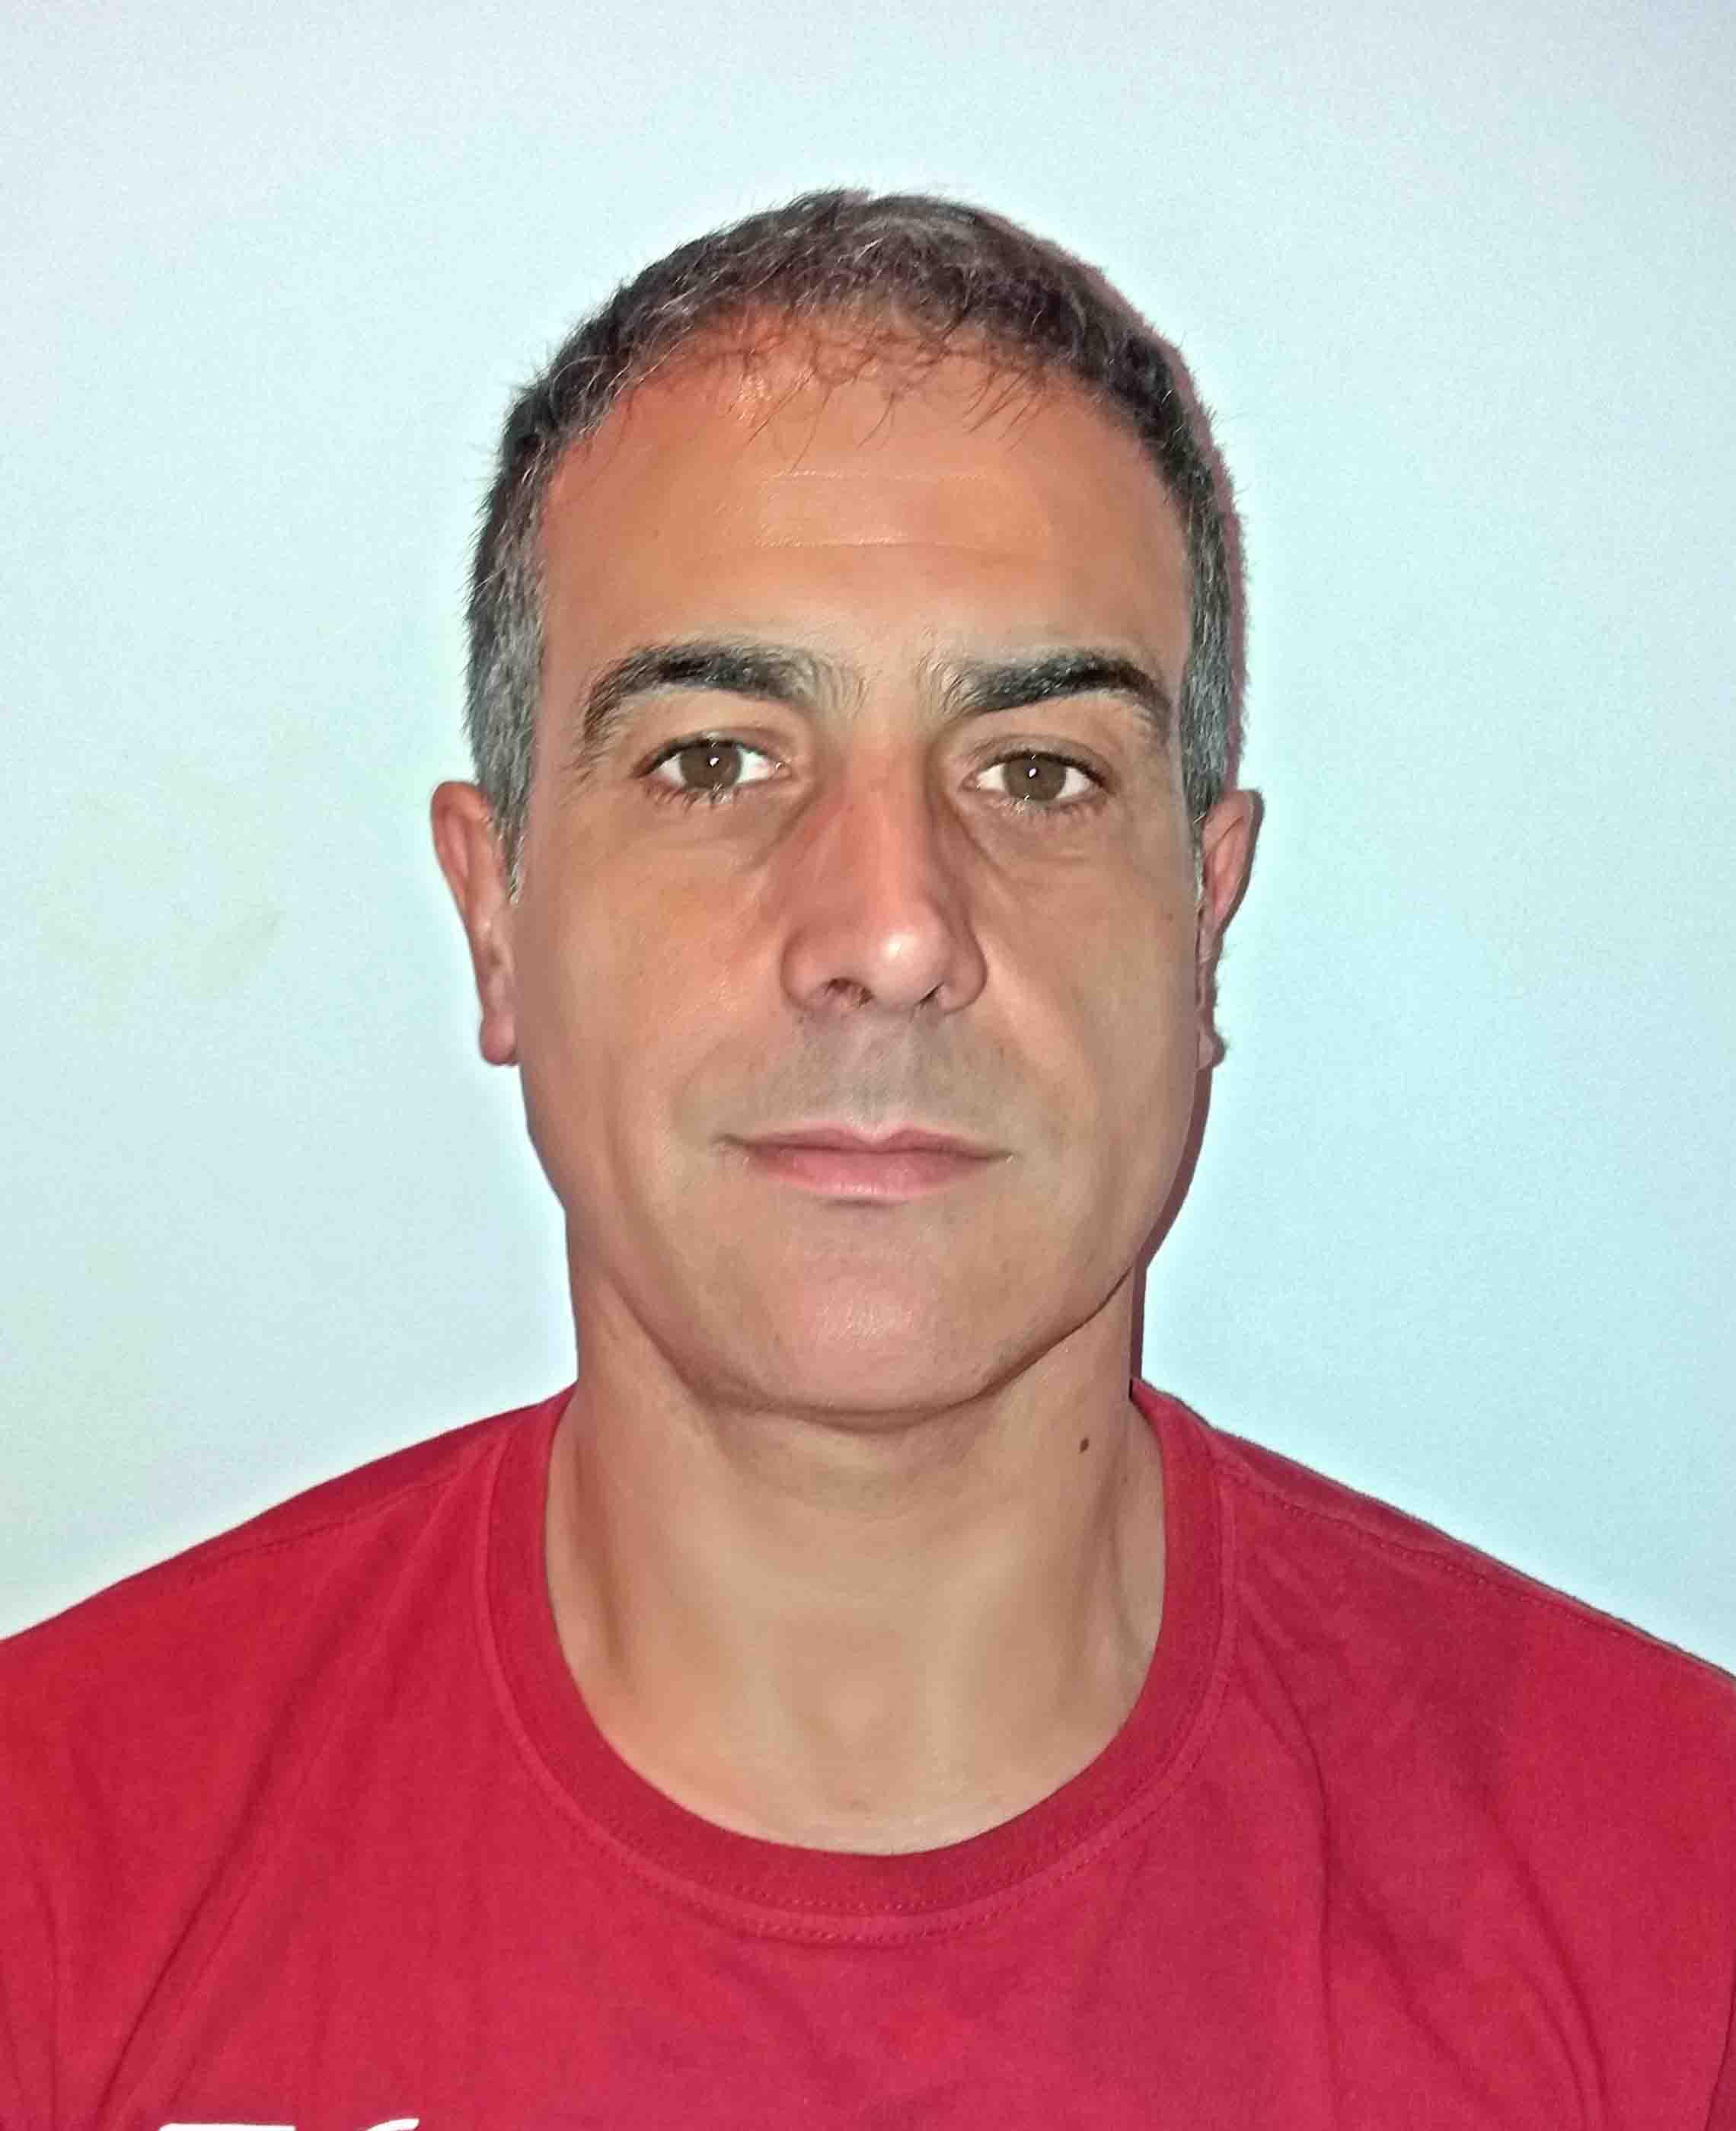 César Viana - propio